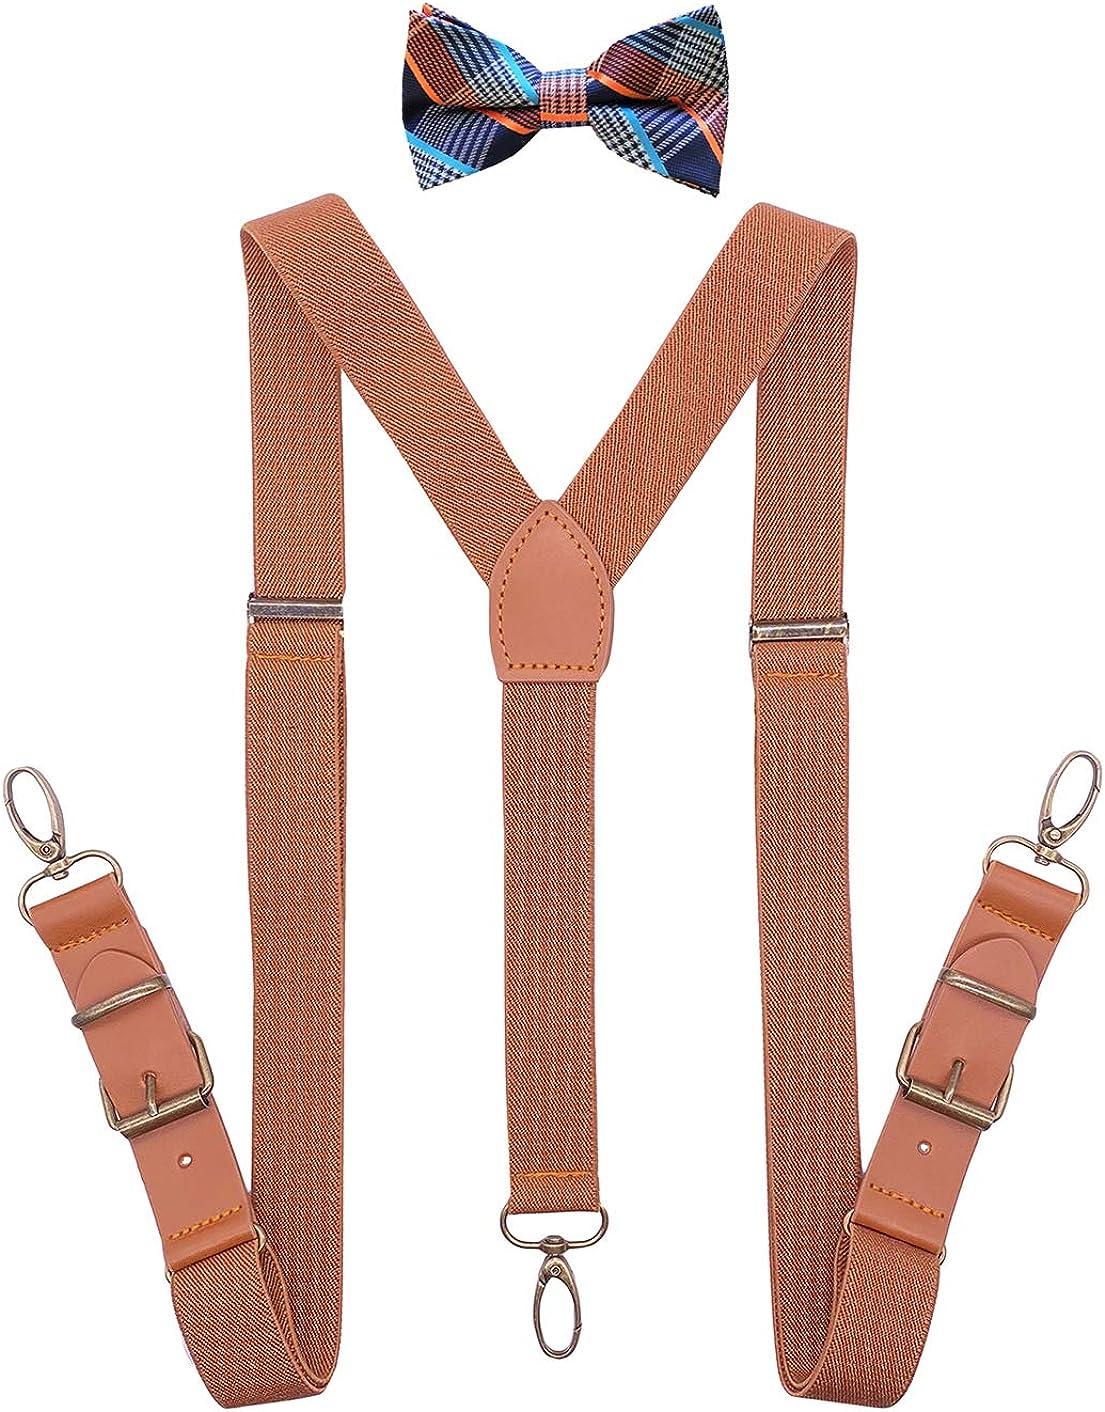 QCWQMYL Suspenders Bow Tie Set for Men Tuxedo Y-Back Braces Leather Bronze Clips